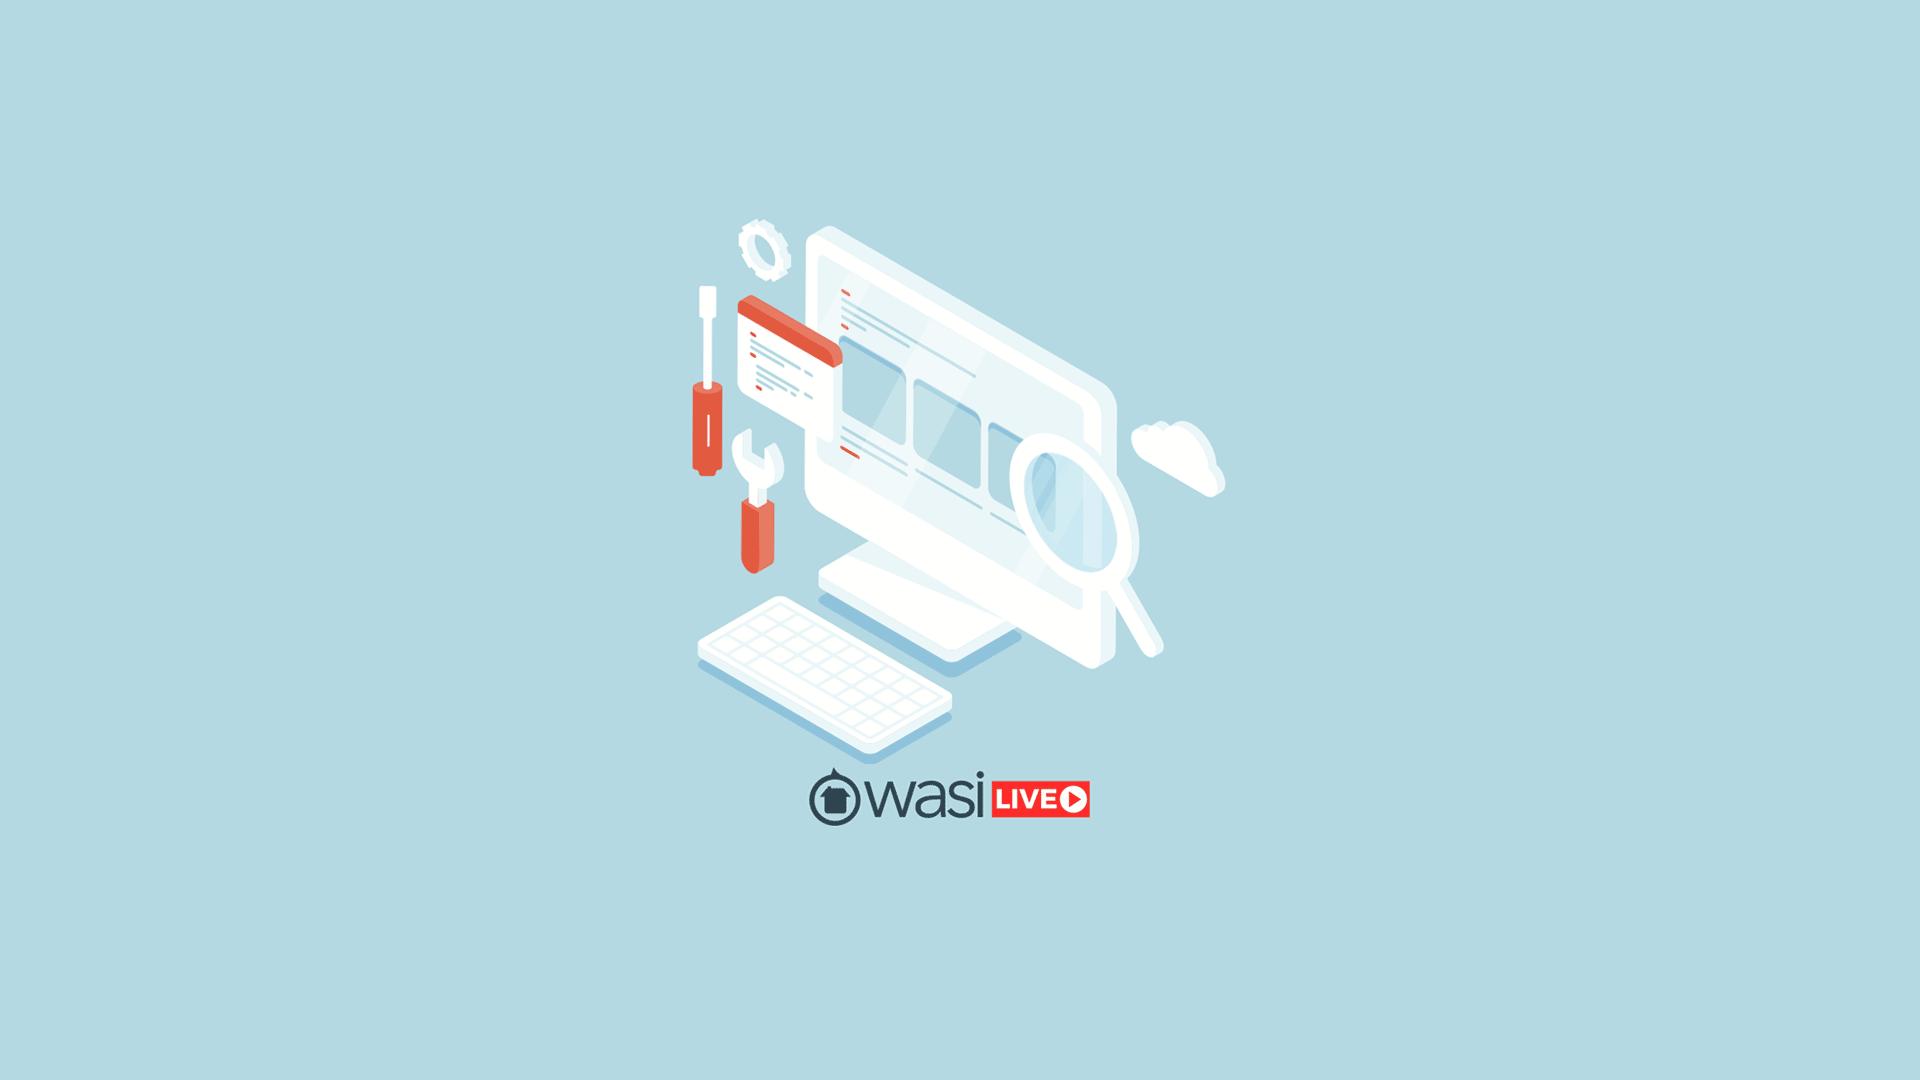 Wasi live: Actualizaciones que debes conocer